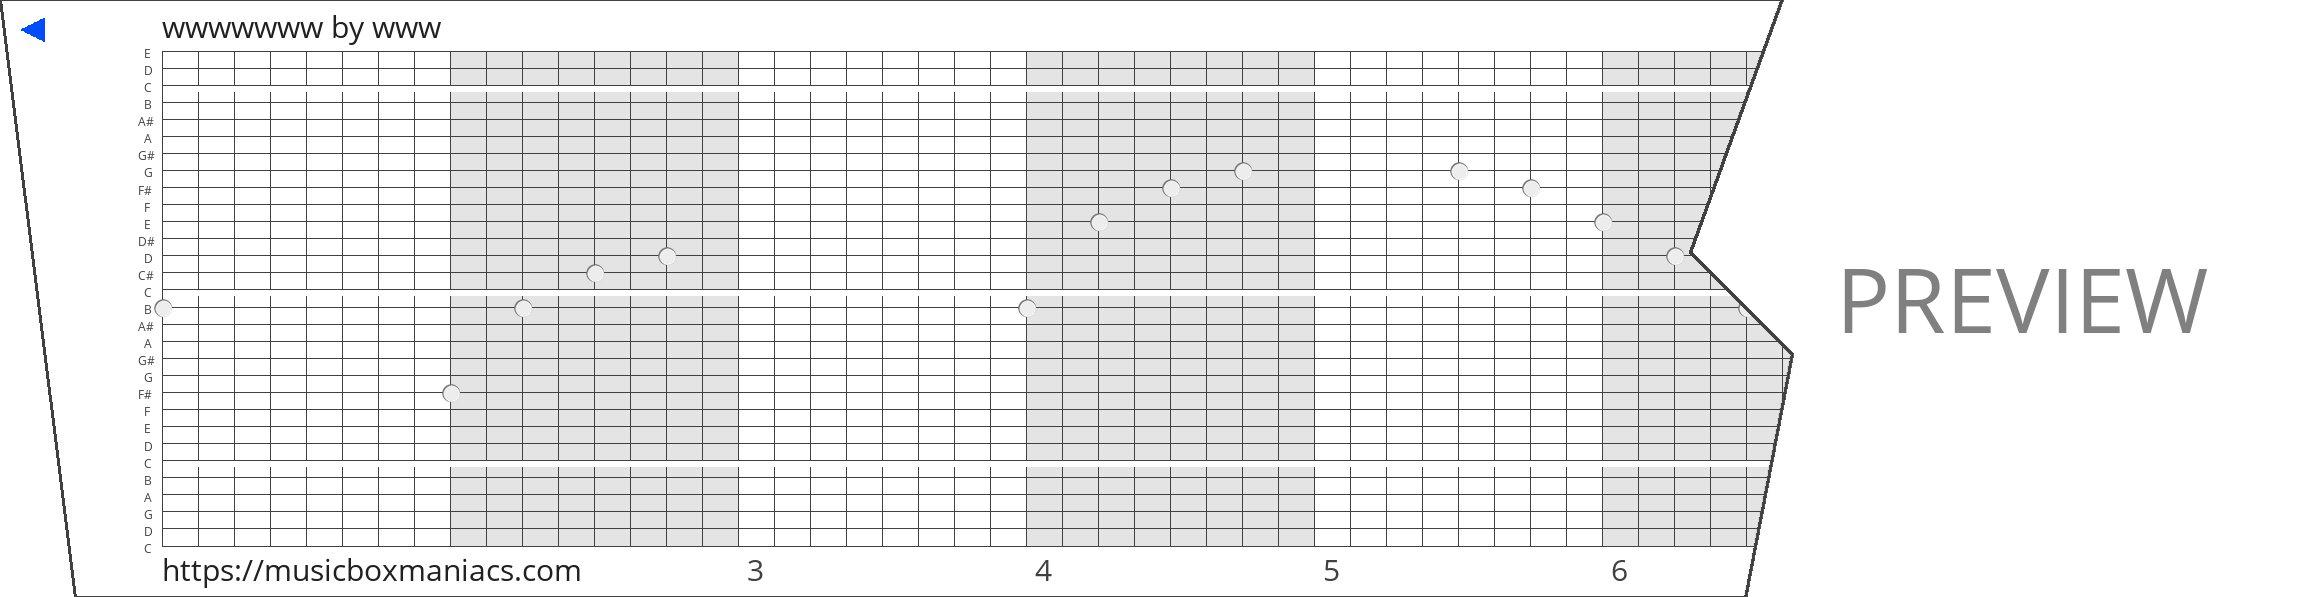 wwwwwww 30 note music box paper strip